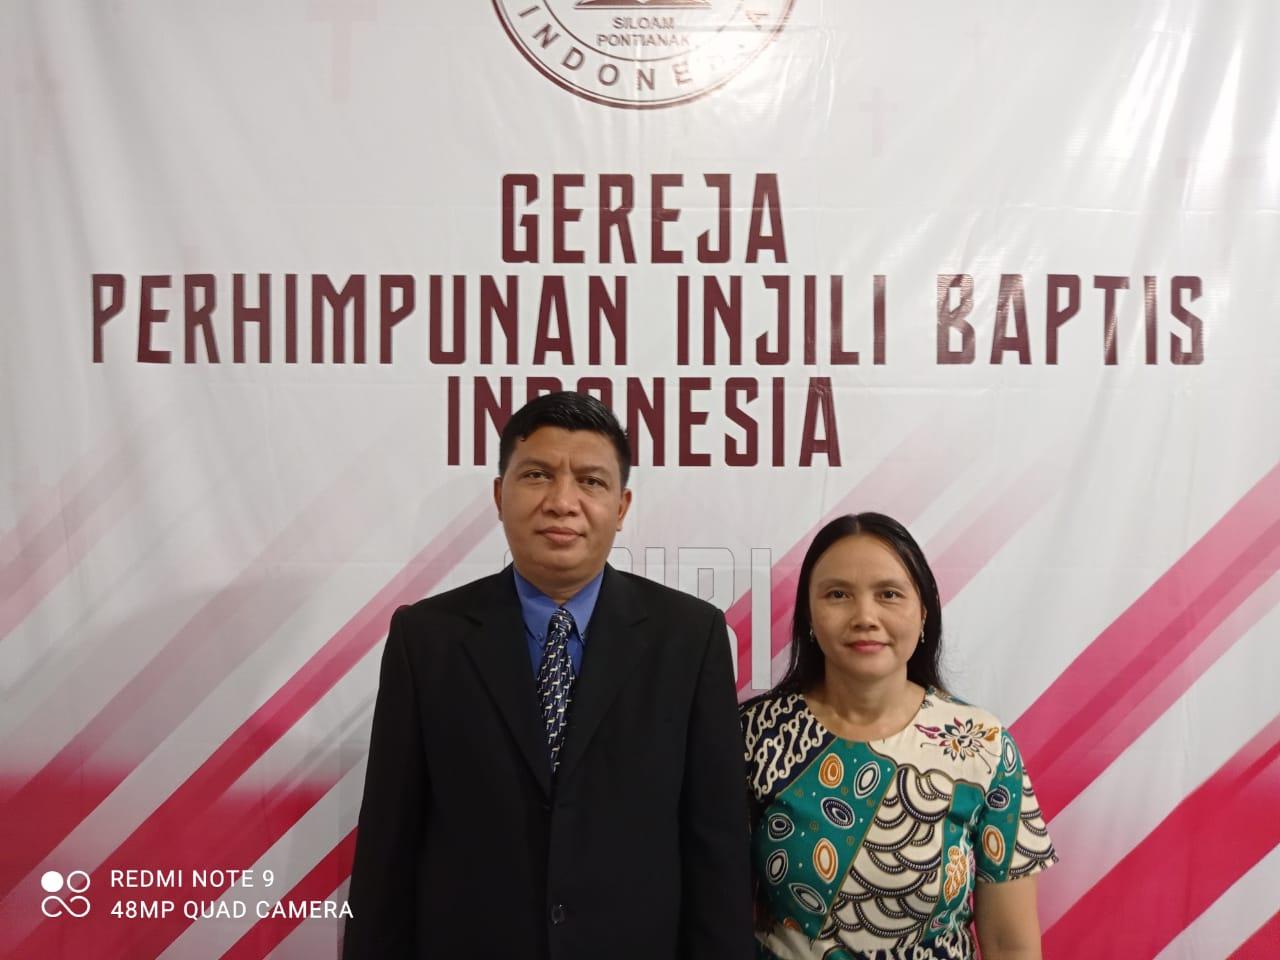 Foto : Pdt. Budiman Pakpahan dan istri/istimewa